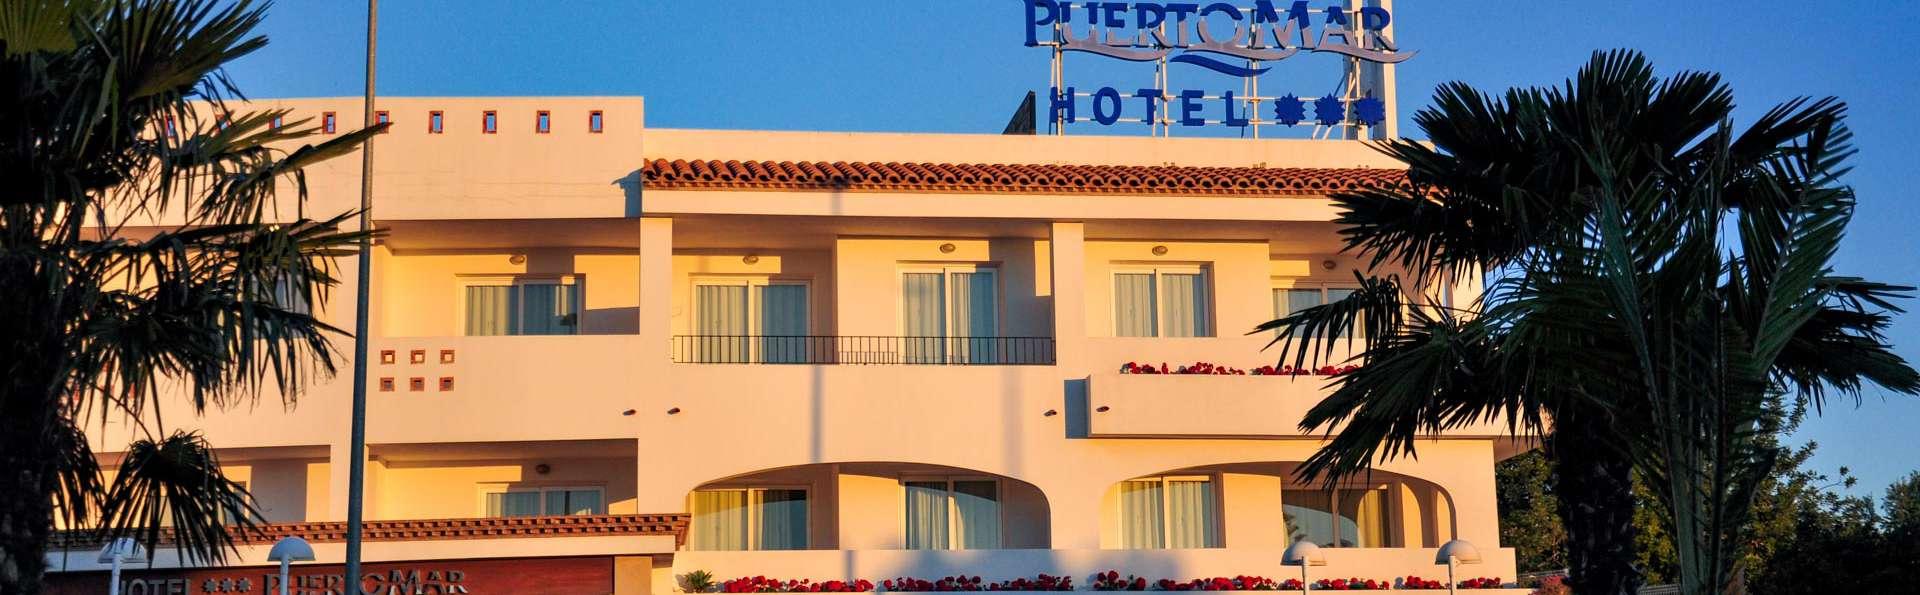 Hotel Apartamentos Puerto Mar - EDIT_FRONT_02.jpg